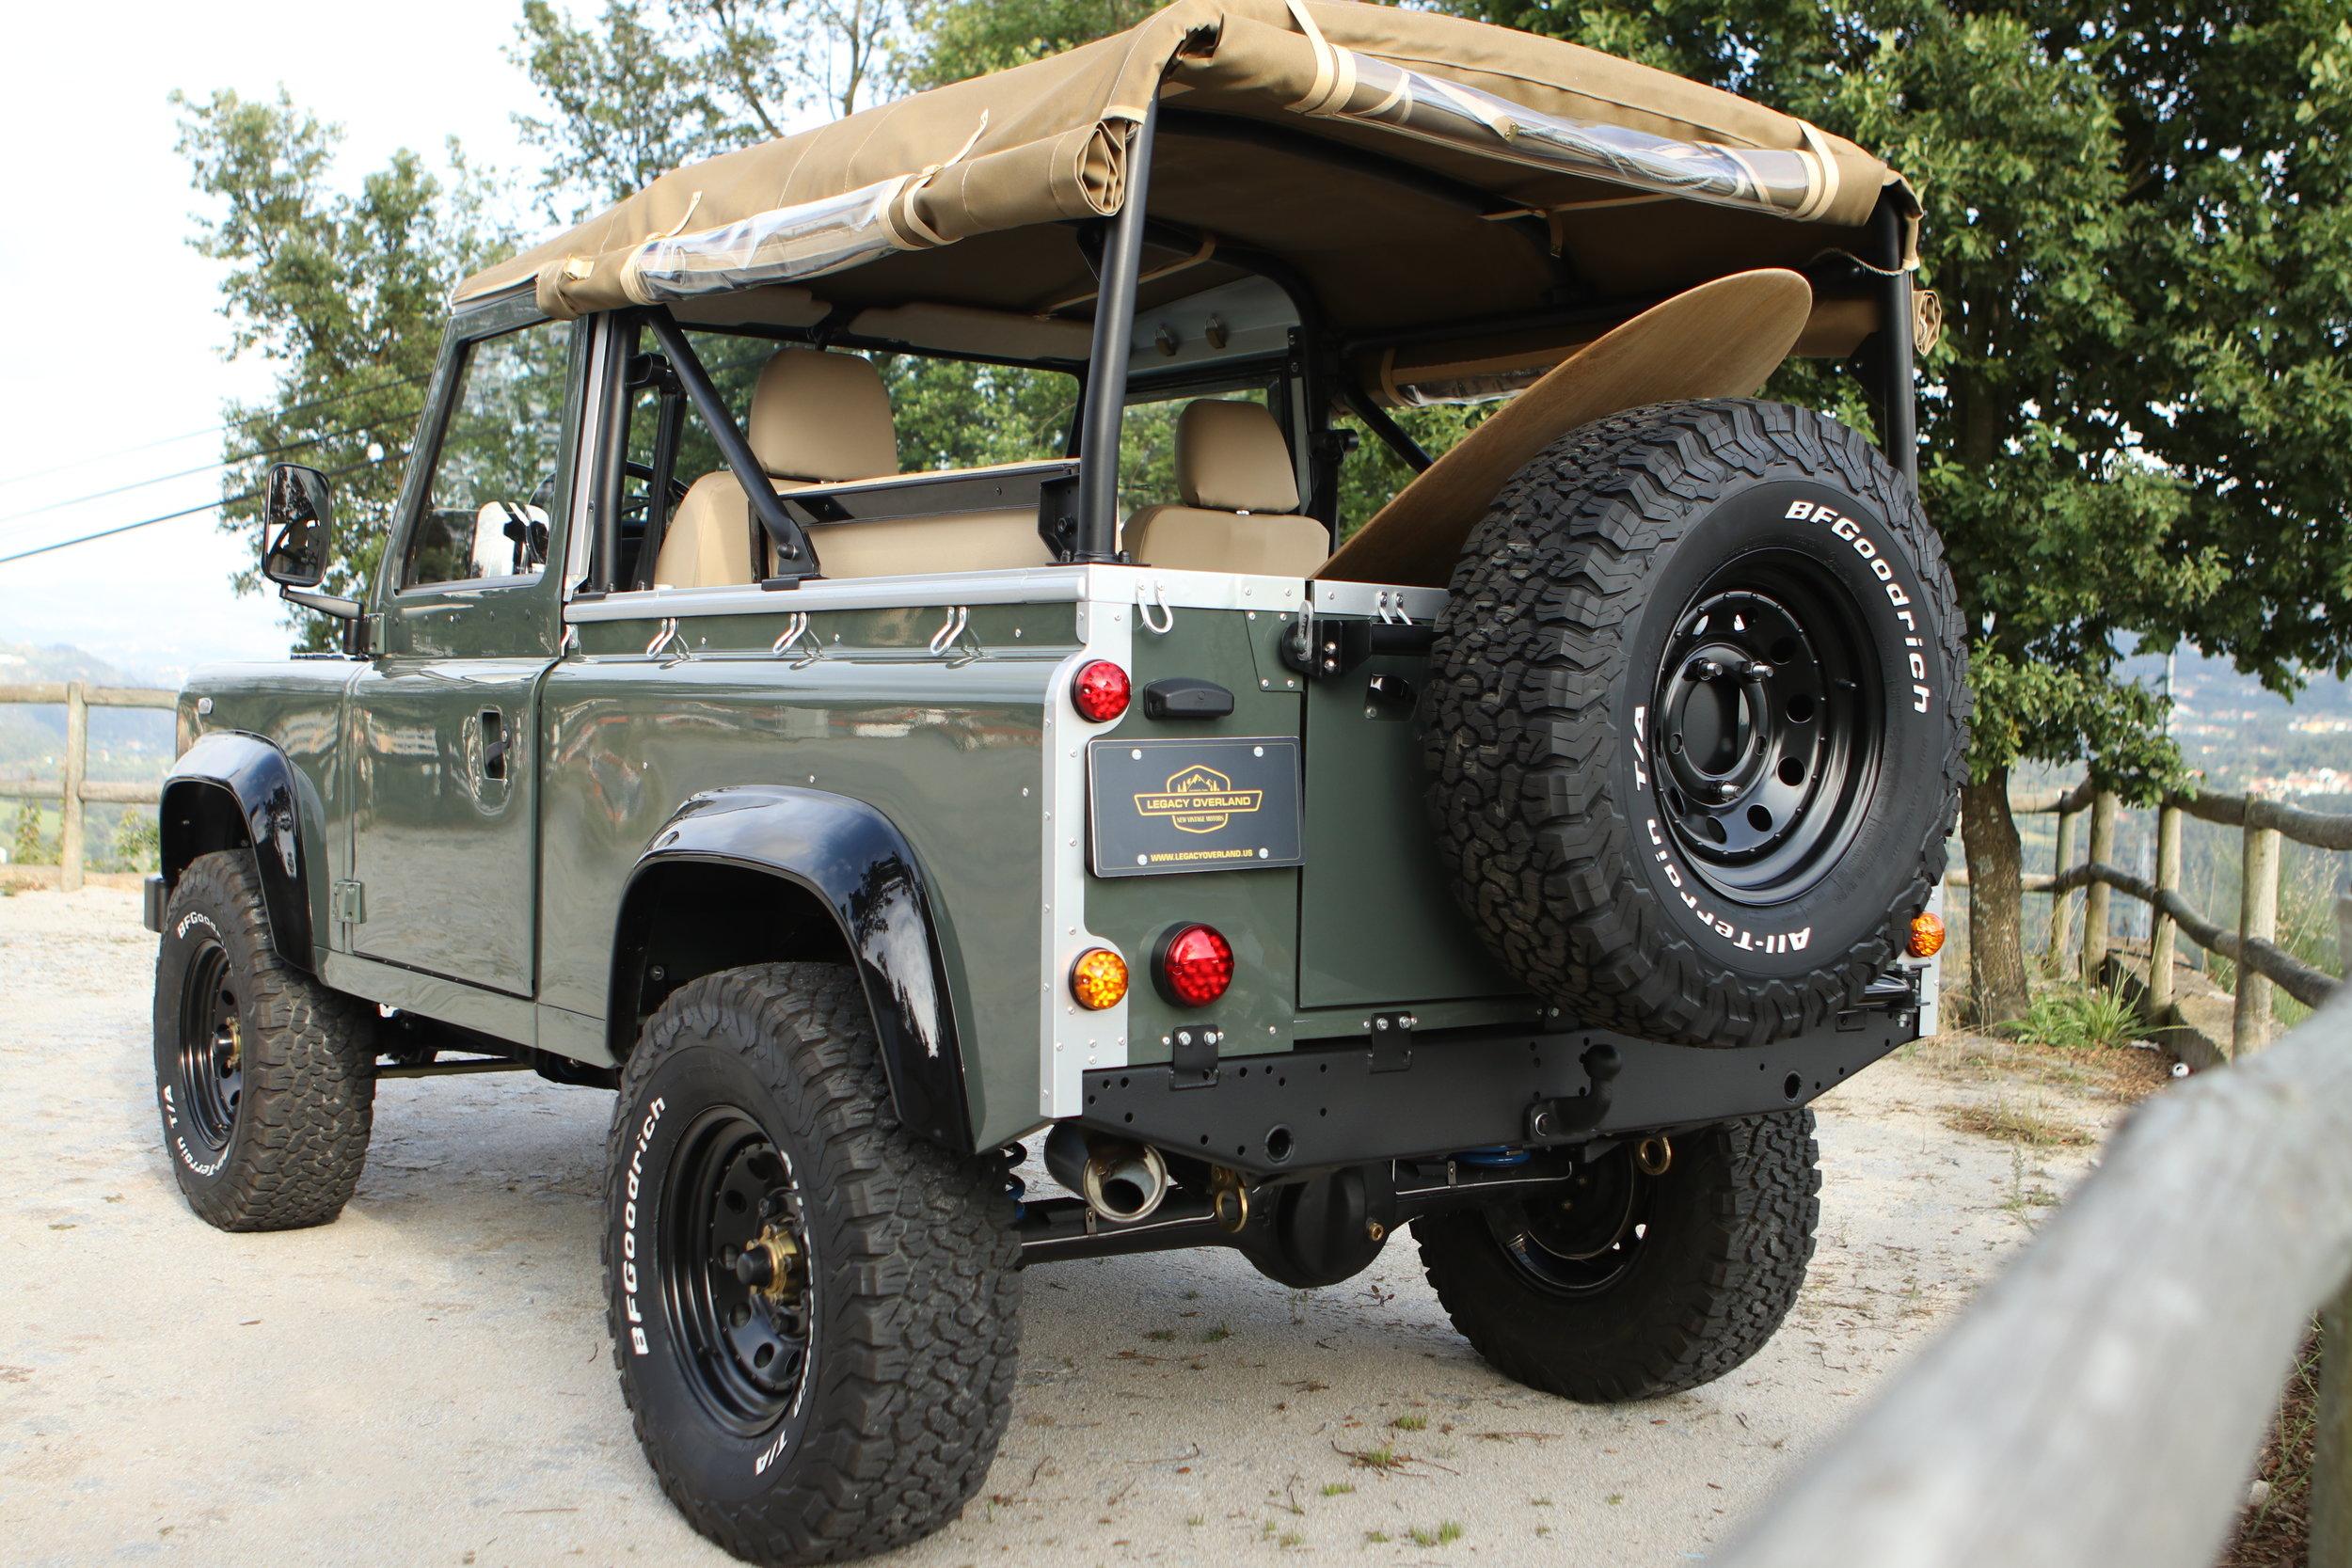 LegacyOverland_ProjKalahari_Defender90_car22.JPG